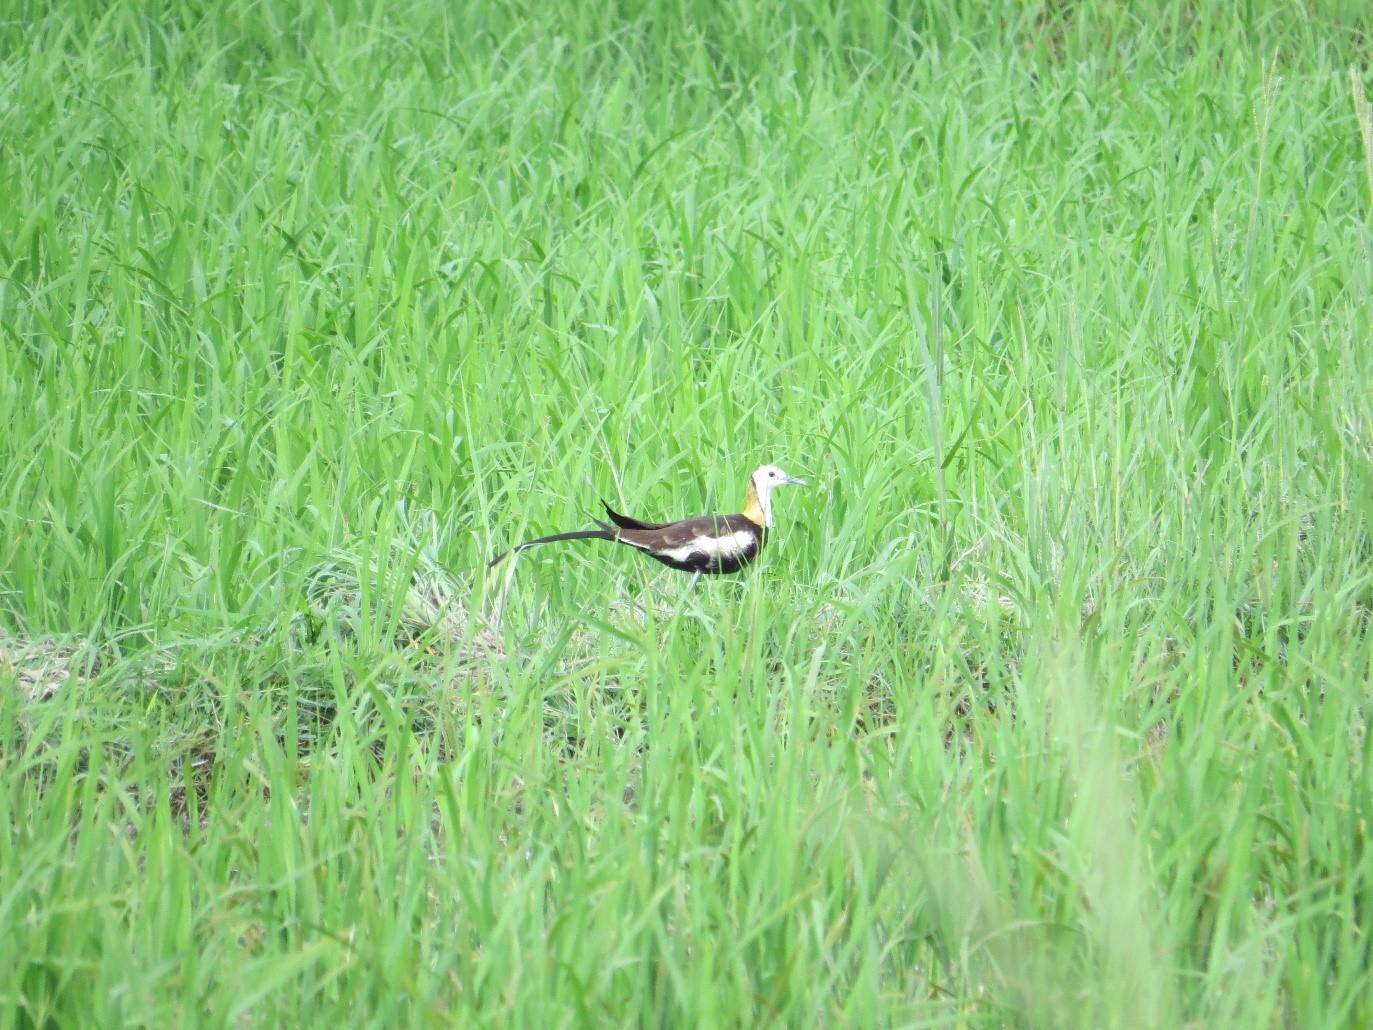 渡りの時期に見られためずらしい鳥のレンカク